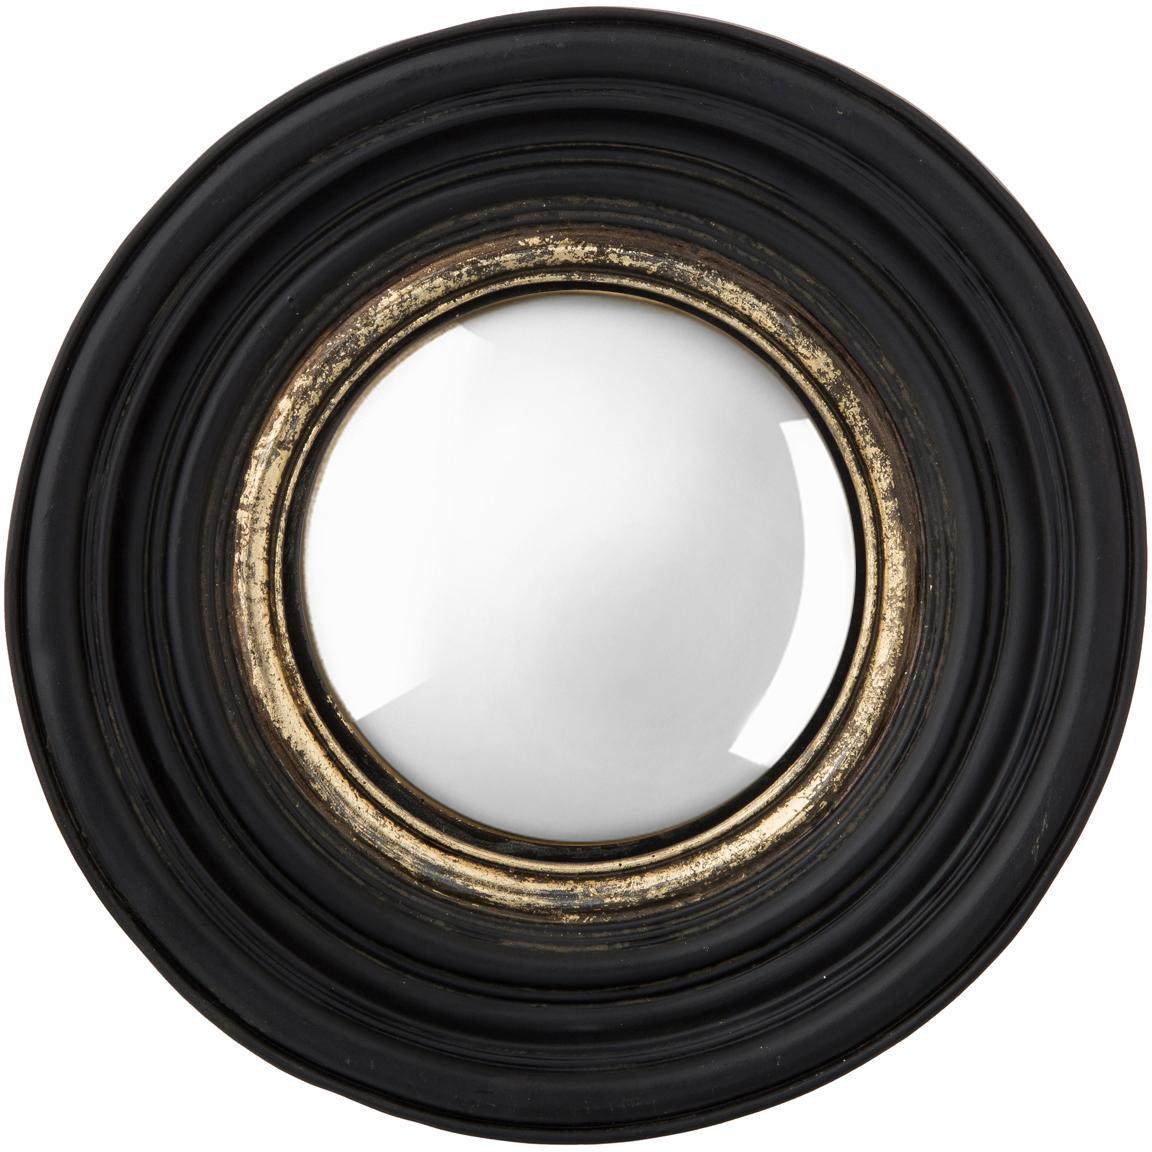 Okrągłe lustro ścienne z zakrzywioną powierzchnią Resi, Czarny, odcienie złotego, Ø 26 cm